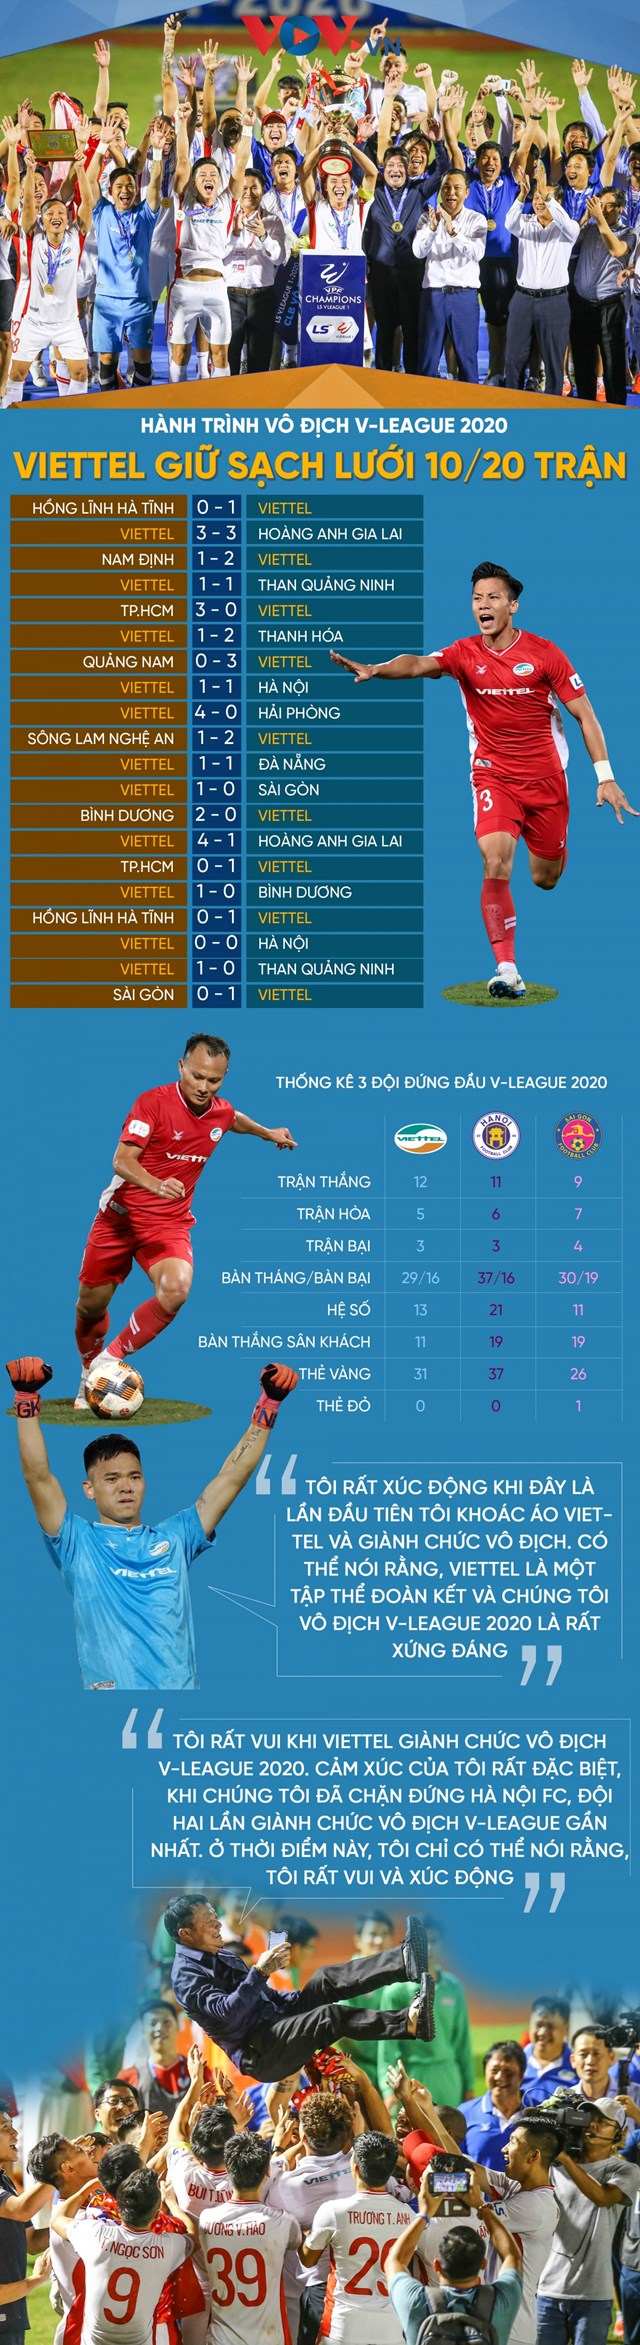 Hành trình vô địch V-League 2020 Viettel giữ sạch lưới 10/20 trận - Ảnh 1